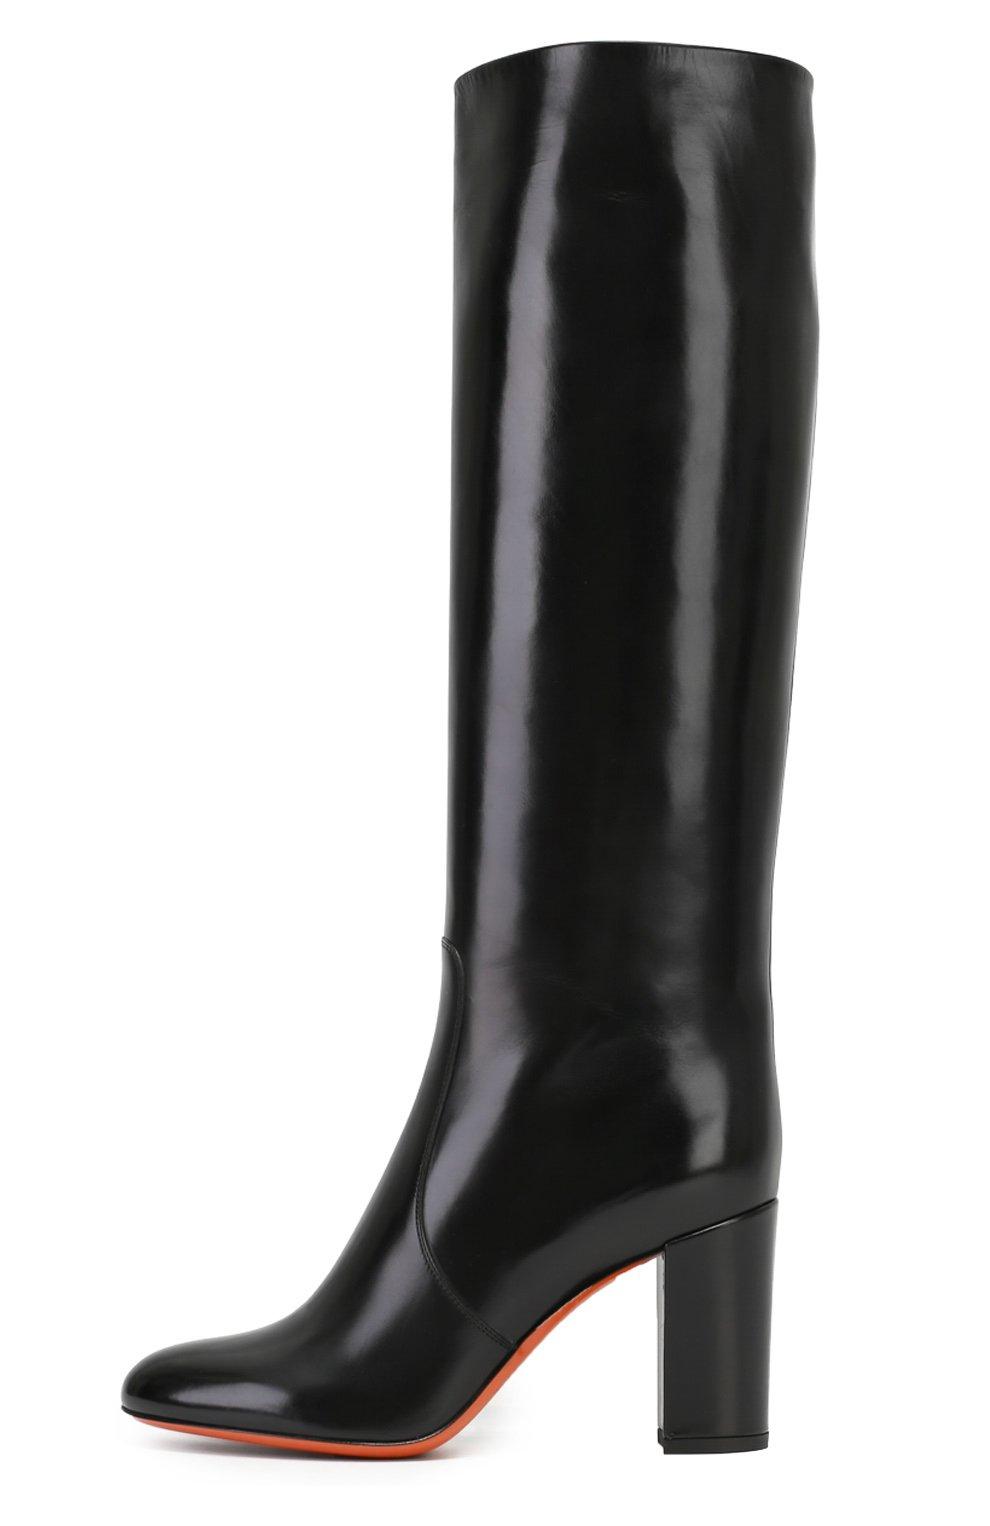 76d78427f Женские черные кожаные сапоги на устойчивом каблуке SANTONI — купить ...